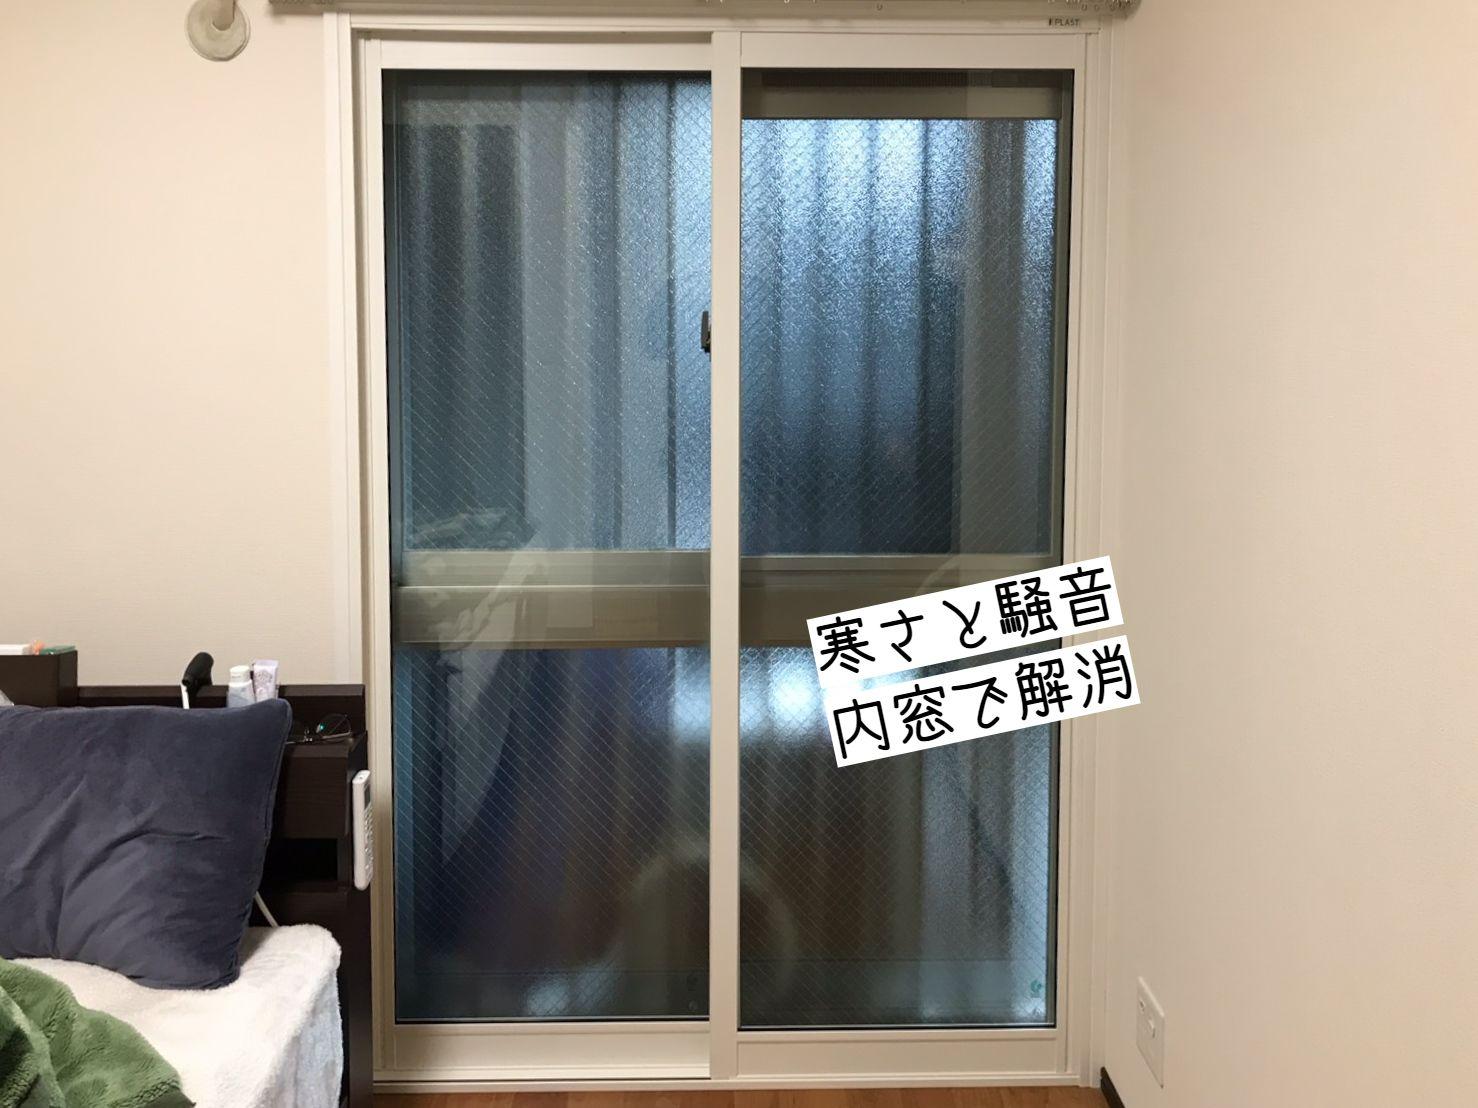 窓からの冷気が一切気にならなくなりました。騒音も通常時はほぼ無音に!